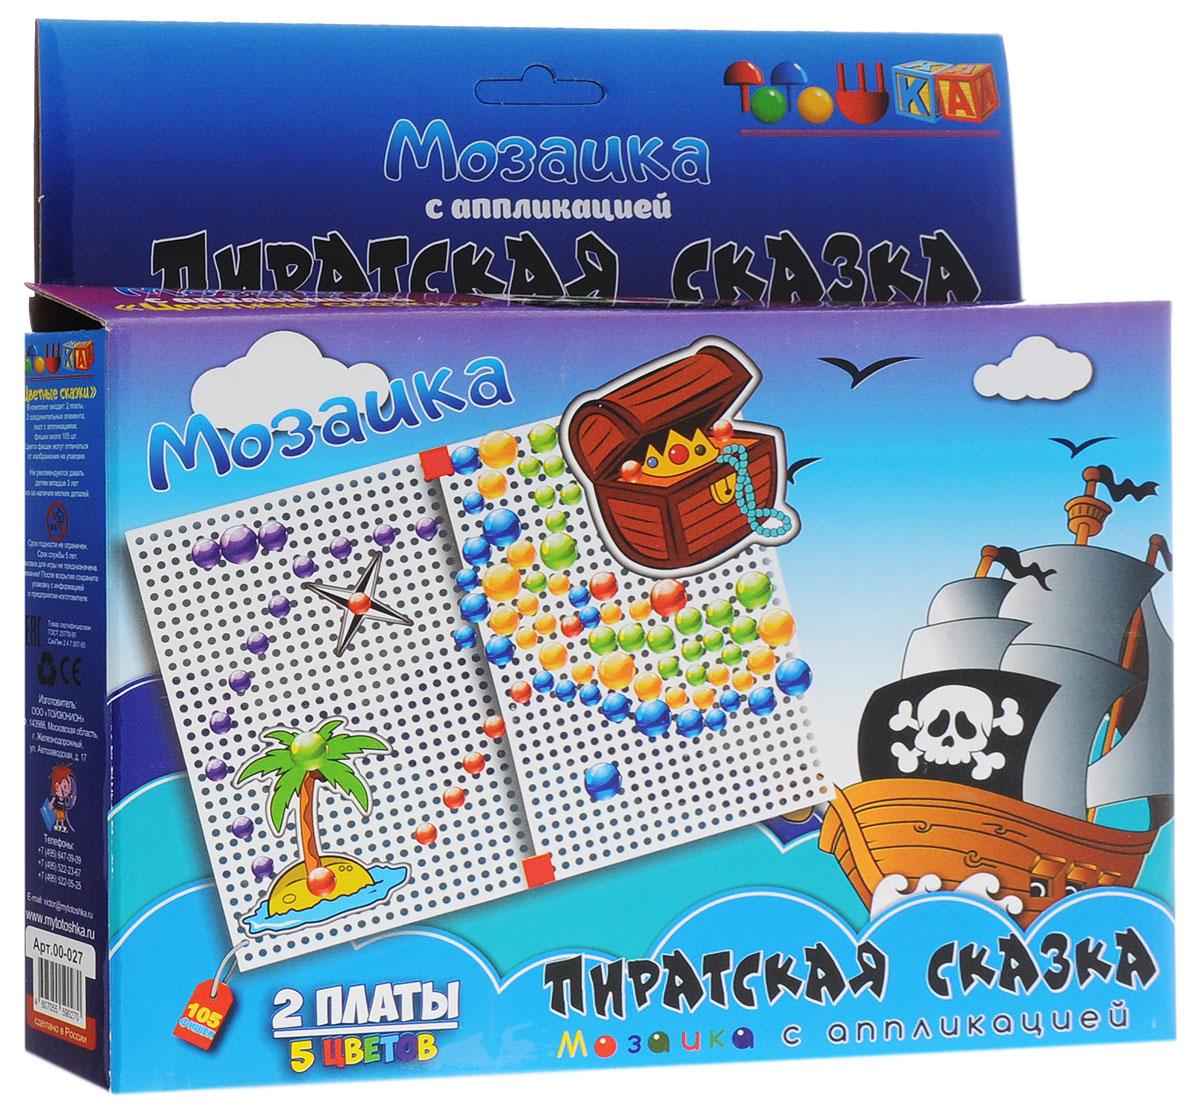 Тотошка Мозаика с аппликацией Пиратская сказкатт00-027Мозаика с аппликацией Тотошка Пиратская сказка - увлекательная развивающая игра и отличный подарок для детей от 3-х лет и старше. Она включает в себя как технику мозаики, так и аппликации, что дает уникальную возможность развивать у ребёнка: мелкую моторику рук; координацию движения; наглядно-образное мышление ; зрительную и тактильную память; умение ориентироваться на плоскости; творческие способности; внимание; фантазию; воображение; усидчивость. Благодаря сочетанию мозаики и аппликации появляется возможность выйти за рамки платы, расширяя тем самым игровое пространство, что позволяет ребёнку проявлять творческую активность. Оригинальная конструкция платы позволяет легко вставлять и фиксировать фишки, предотвращая их выпадение при переворачивании или переноске собранной картинки. Аппликация фиксируется на плате с помощью фишек. Рисунки, представленные...